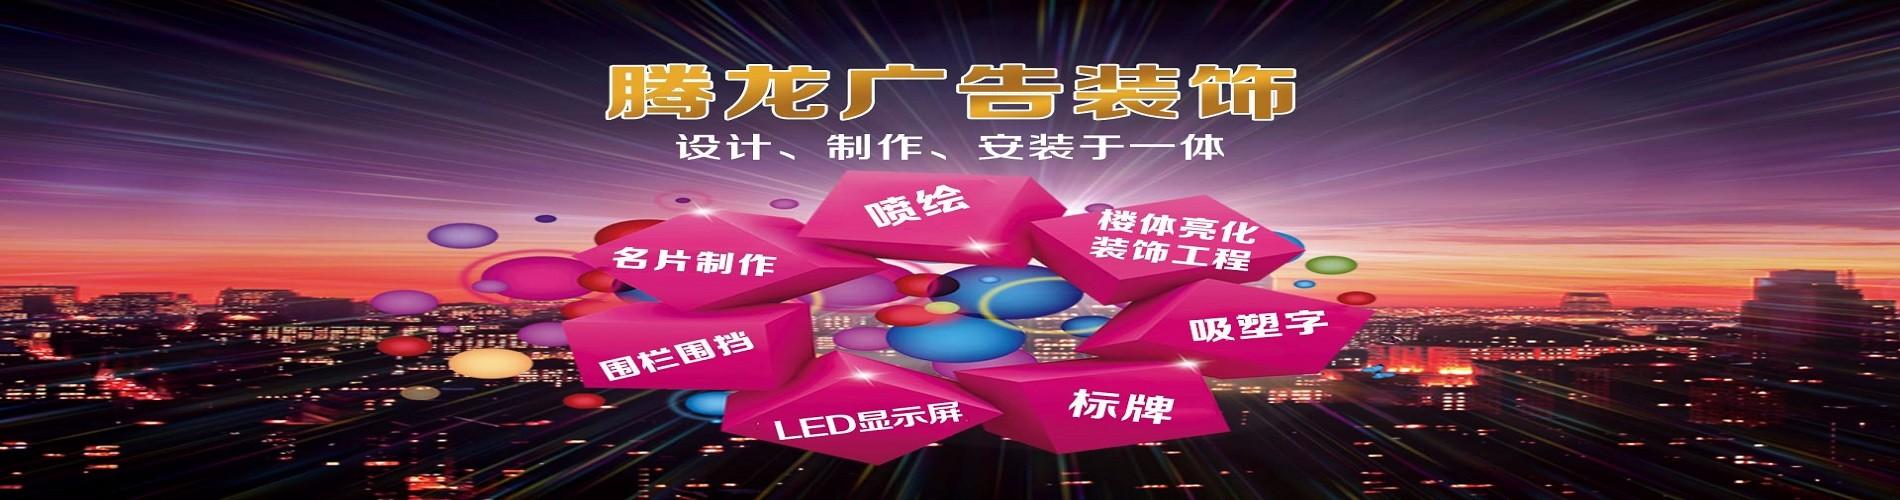 沈阳腾龙广告装饰有限公司